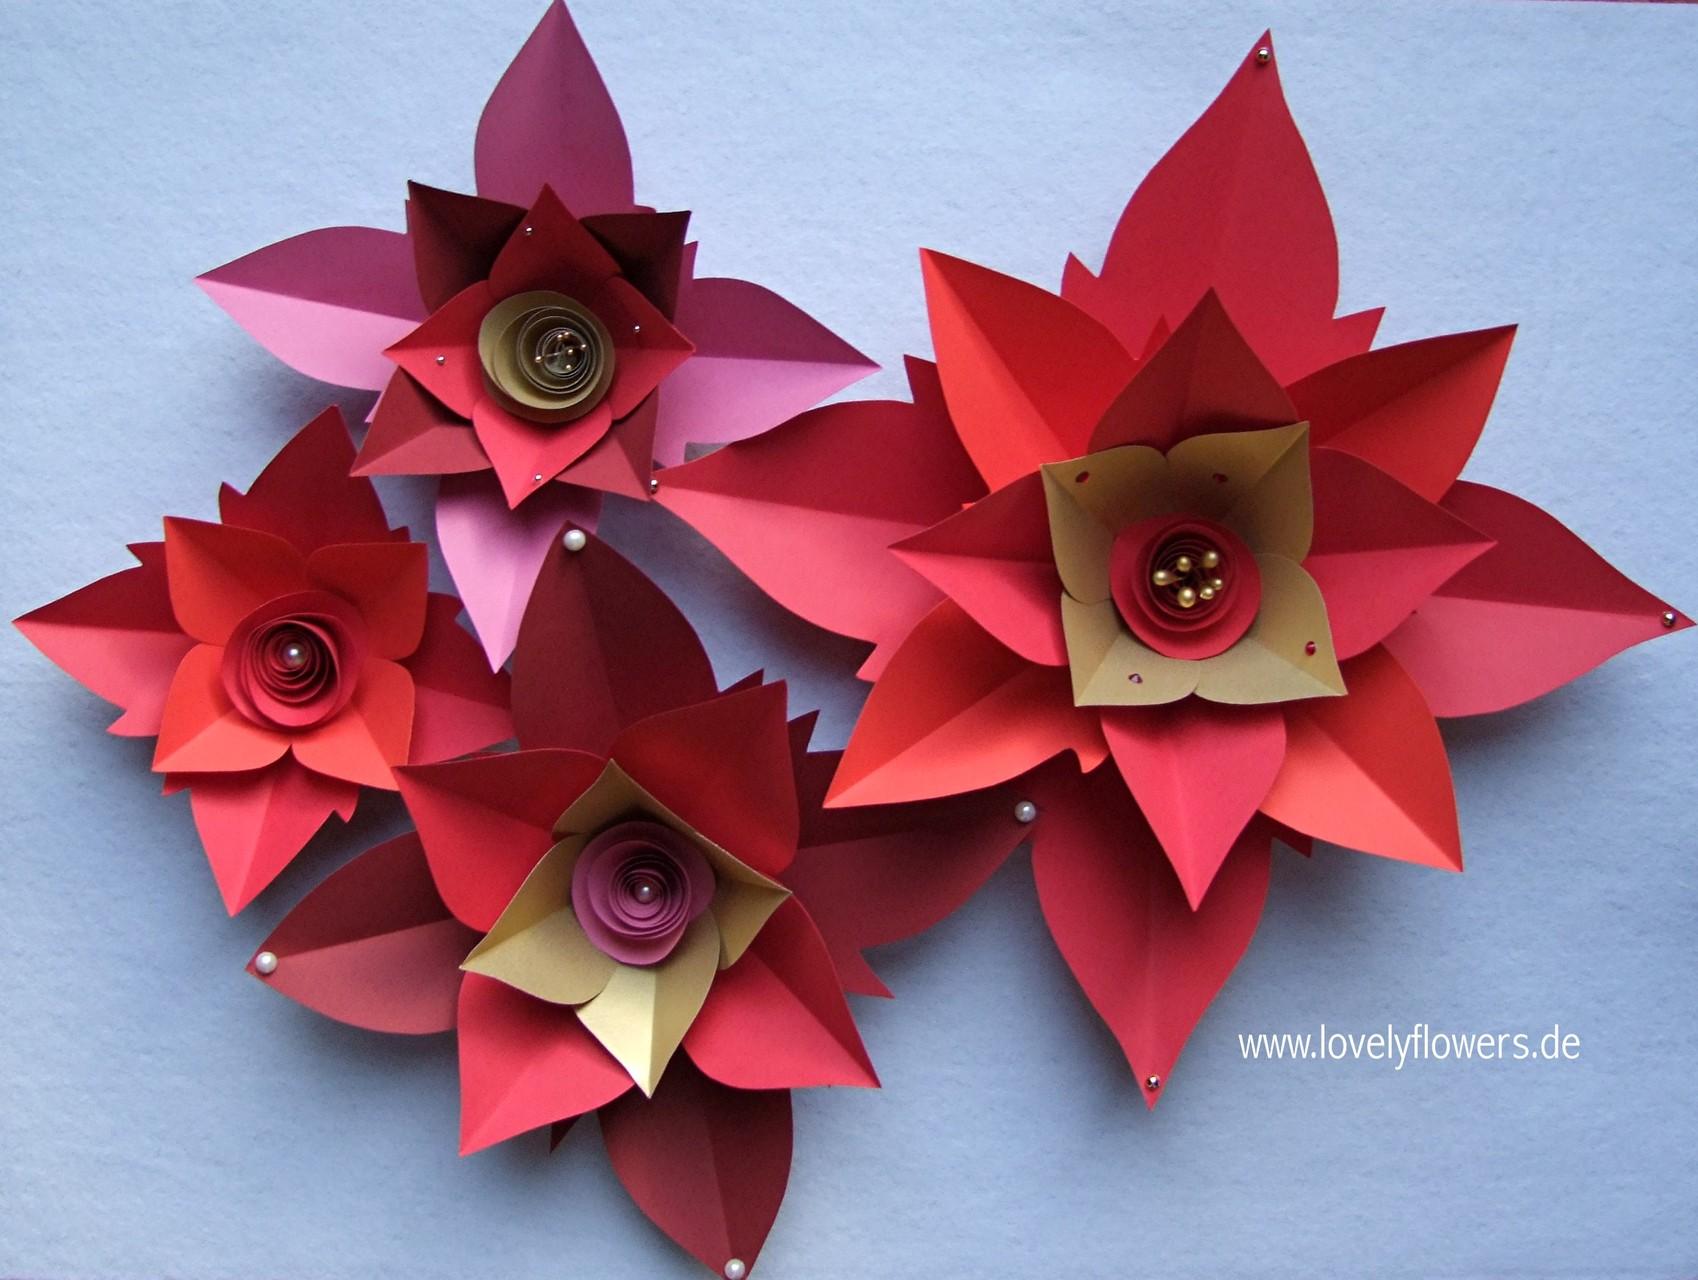 Paper-Art Blütenset von www.lovelyflowers.de für Prunkvasenbäume zur Weinachts-Winter-Hochzeit in der Residenz zu Salzburg/Österreich